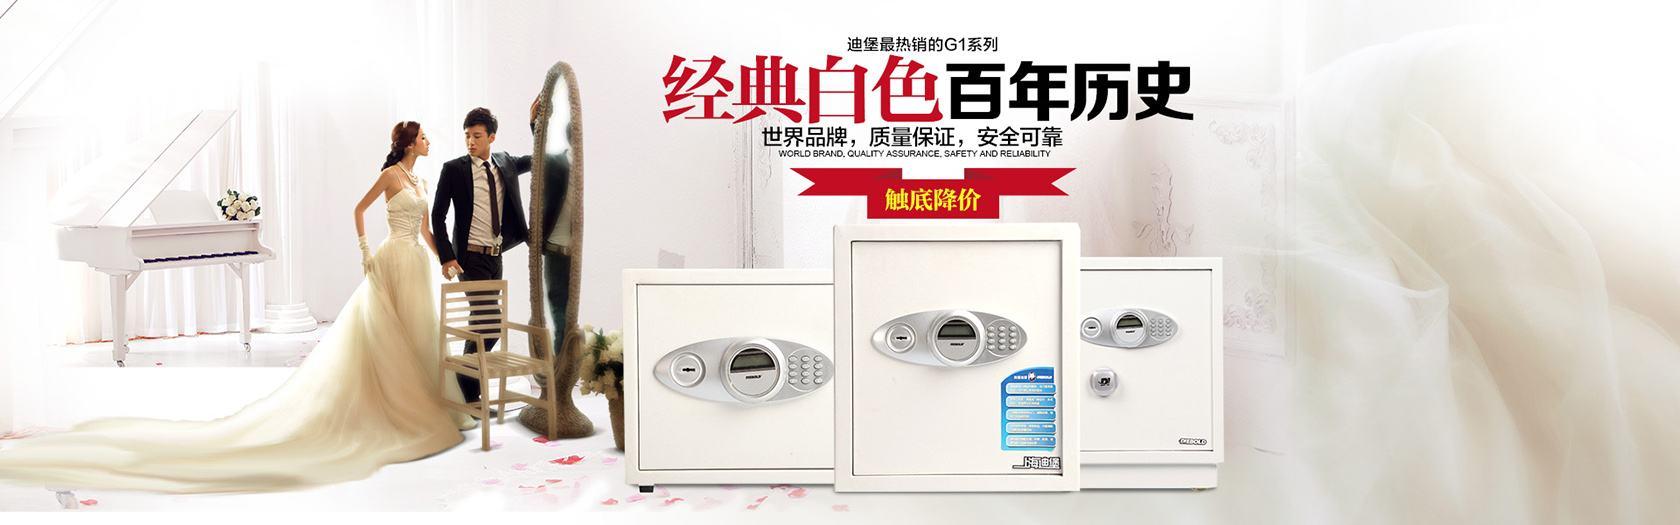 北京迪堡保险箱维修售后服务迪堡保险箱维修电话